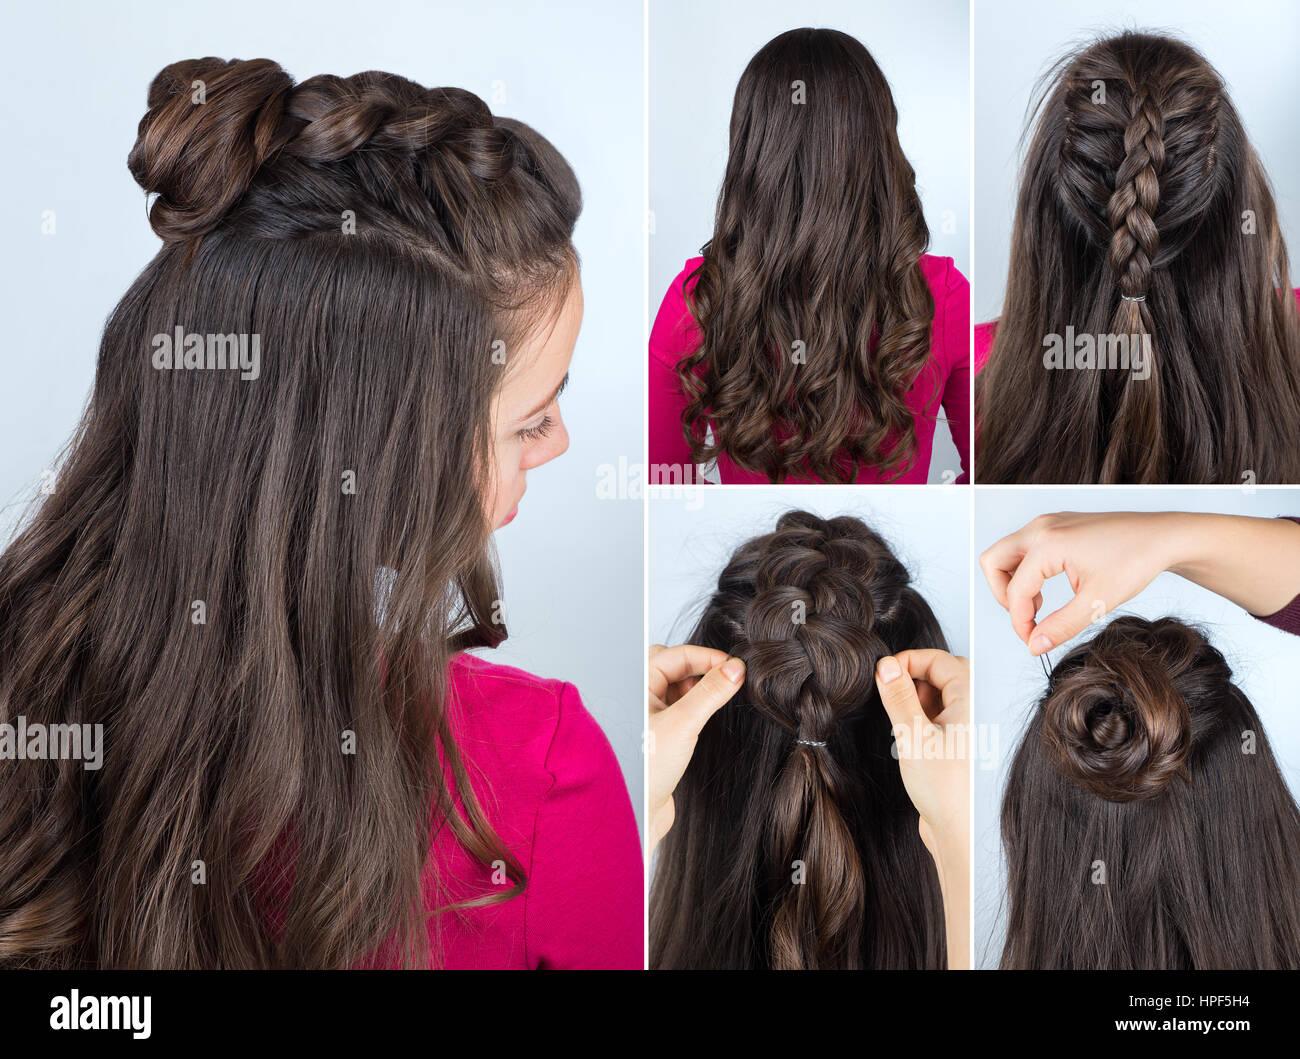 Peinado Moderno Twisted Bun Y Trenzado Con El Pelo Suelto